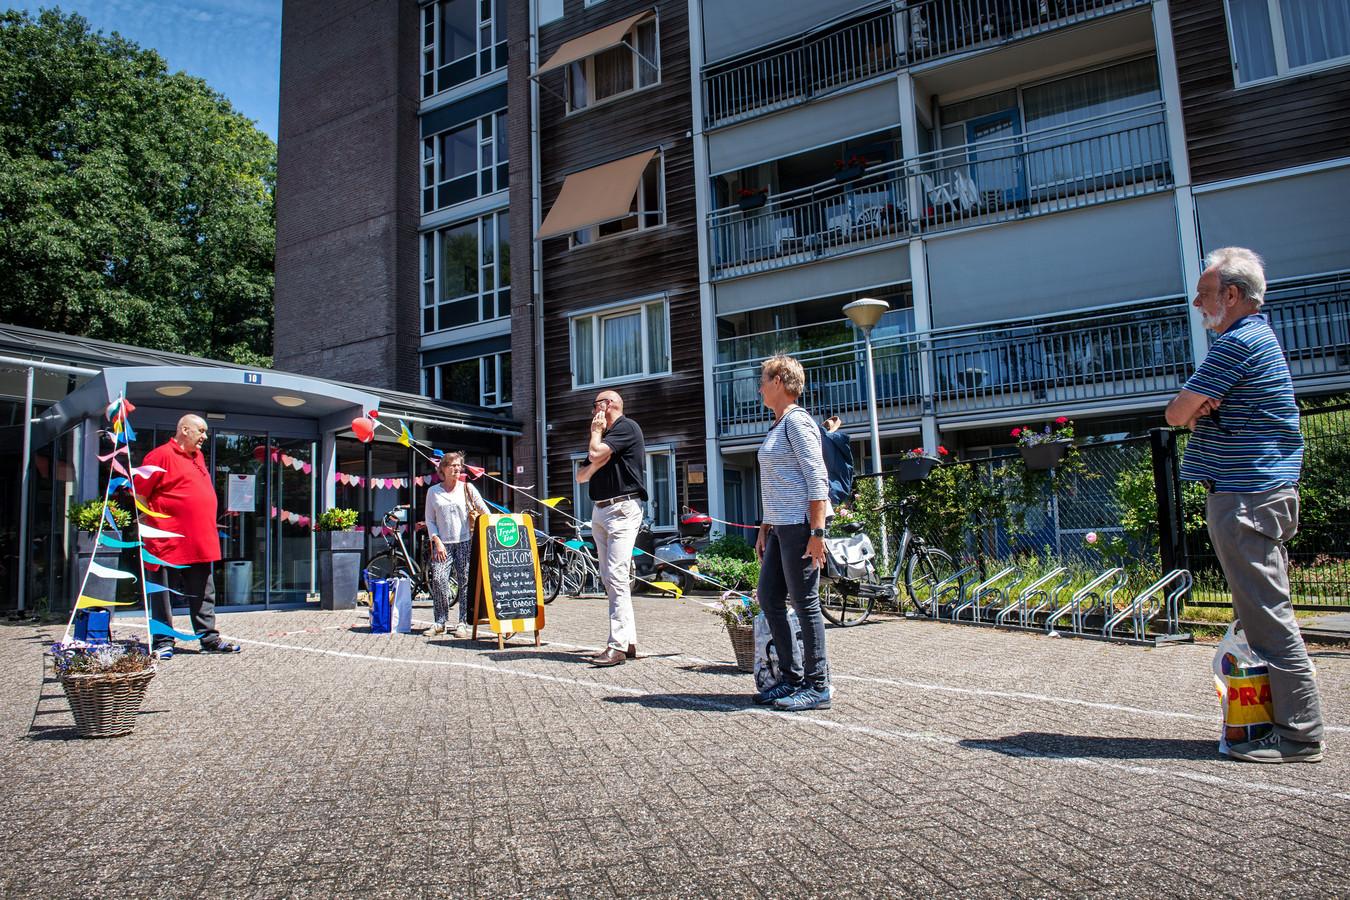 Bezoekers van woonzorgcomplex Boszicht in Nijmegen wachten op hun beurt: één voor één mogen ze naar binnen, om na tien weken eindelijk weer bij hun naasten op visite te mogen.